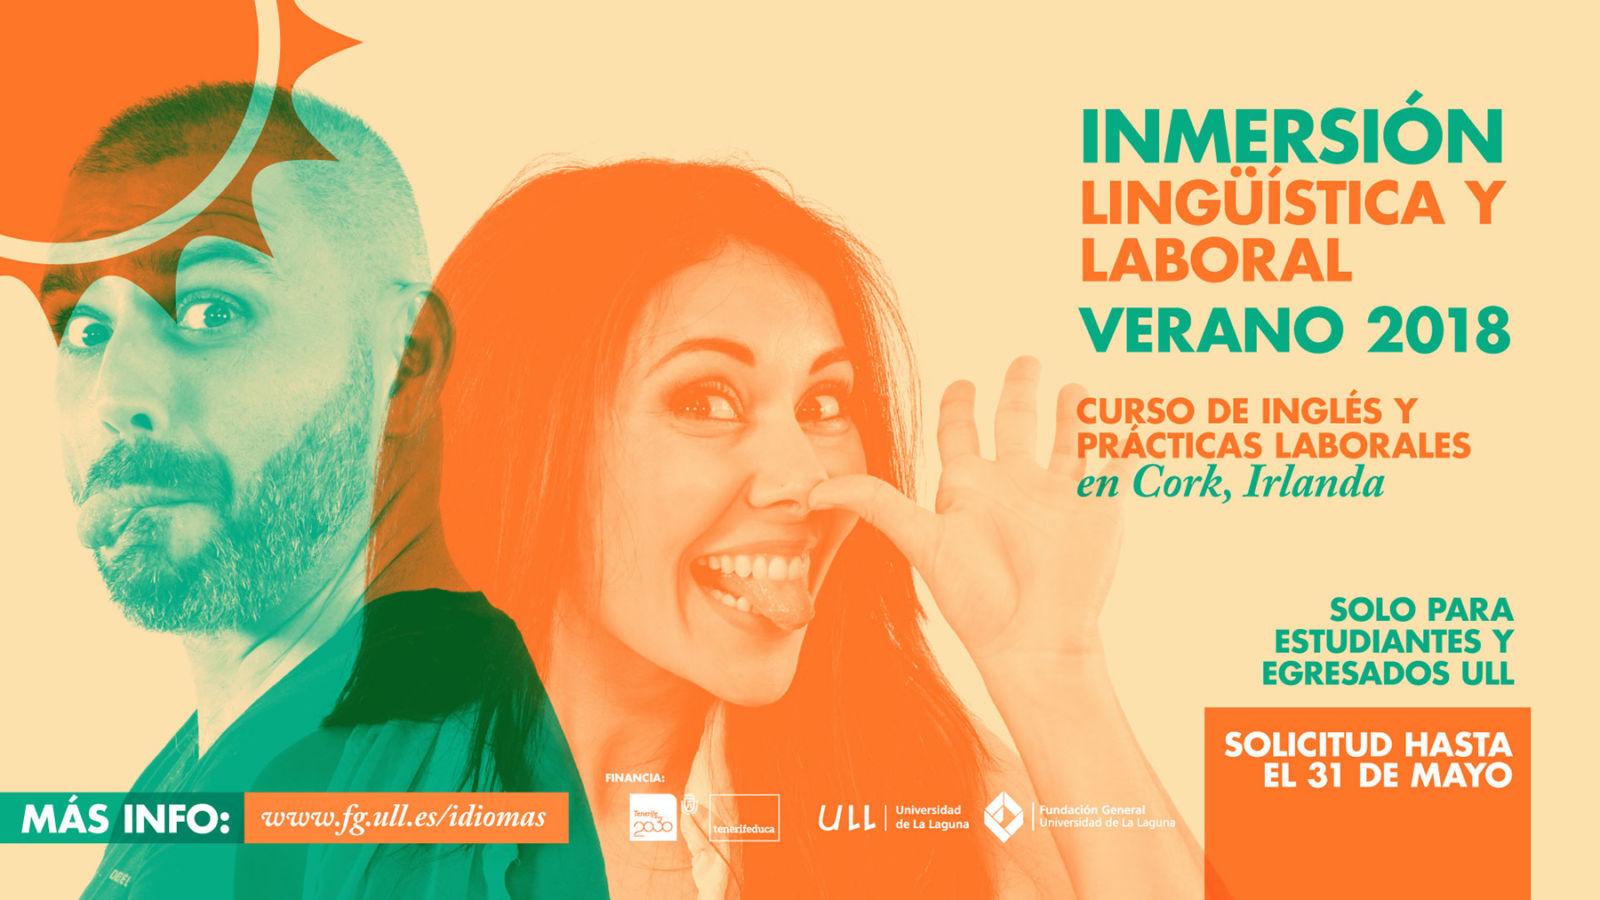 Inmersión lingüística y laboral